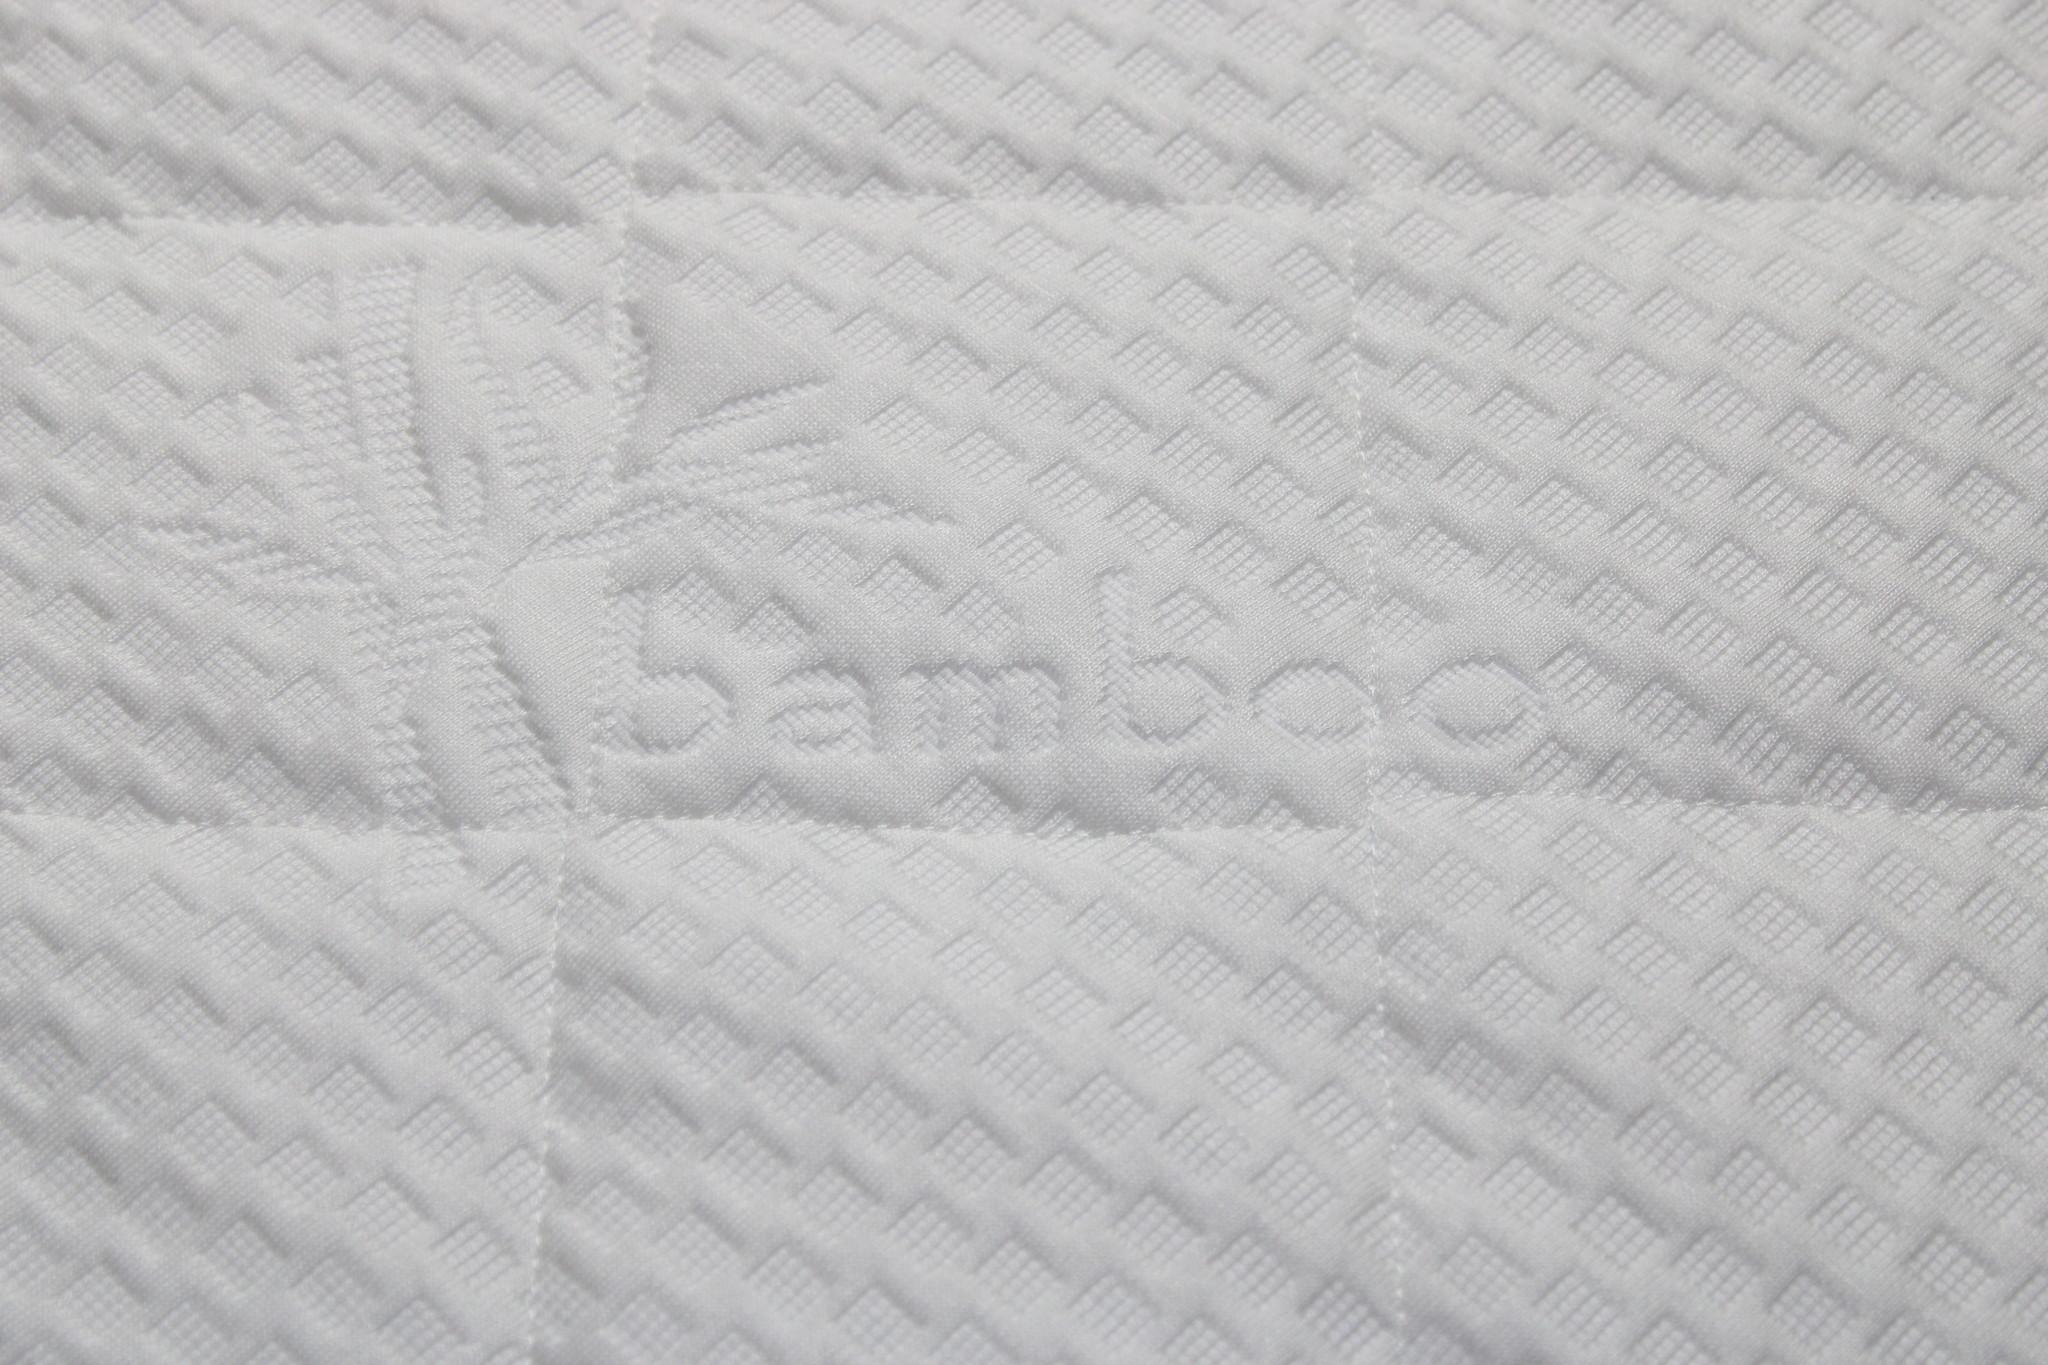 Sarpy Babymatras 60x150 koudschuim hr40 bamboo